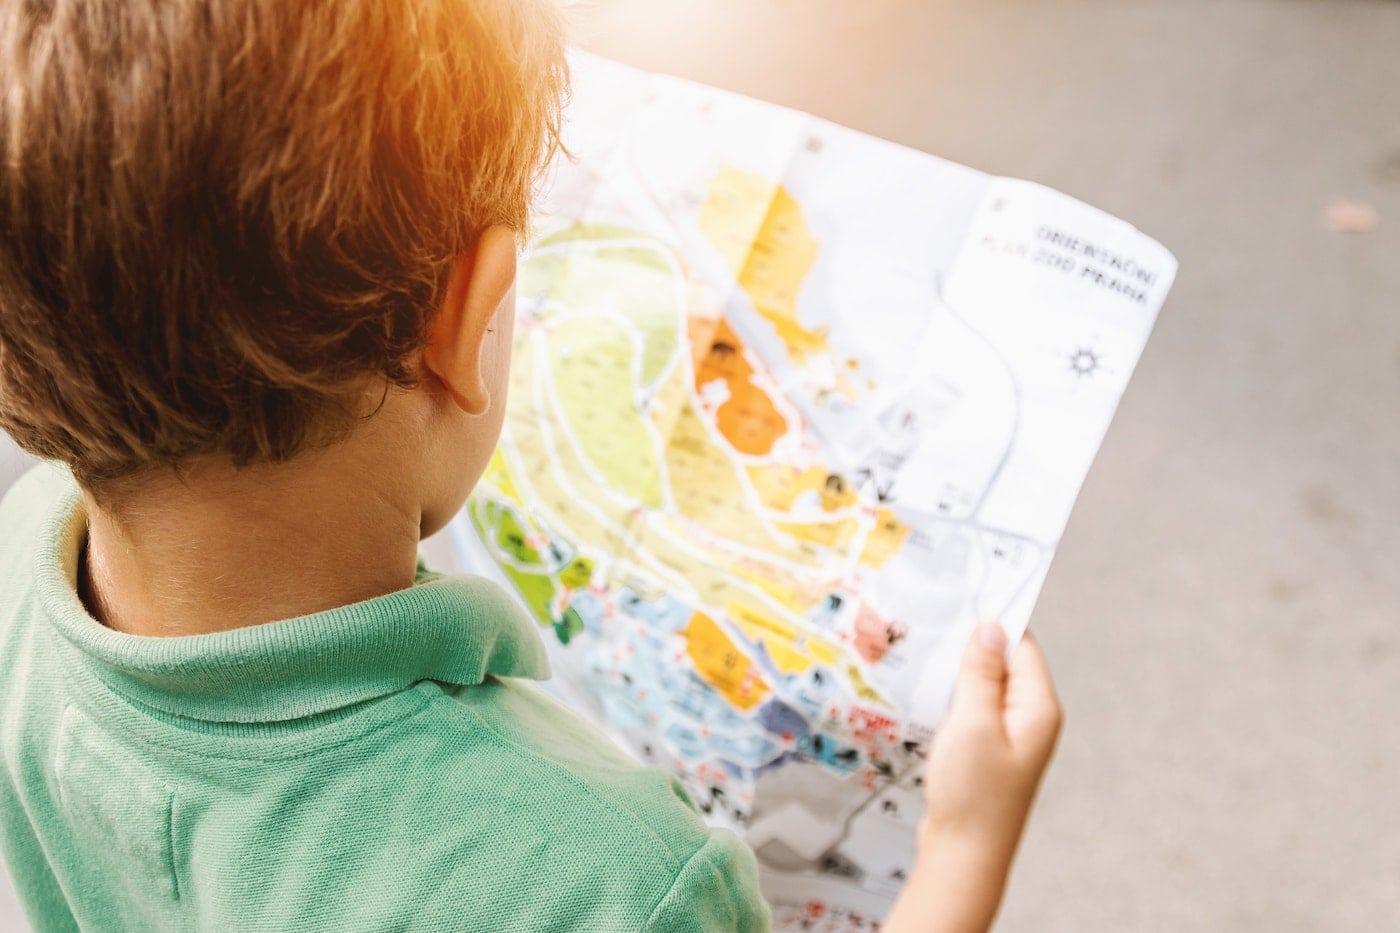 Kindergeburtstag Kitaalter Schatzsuche Schnitzeljagd in Berlin mit Kind HIMBEER c JESHOOTS.COM